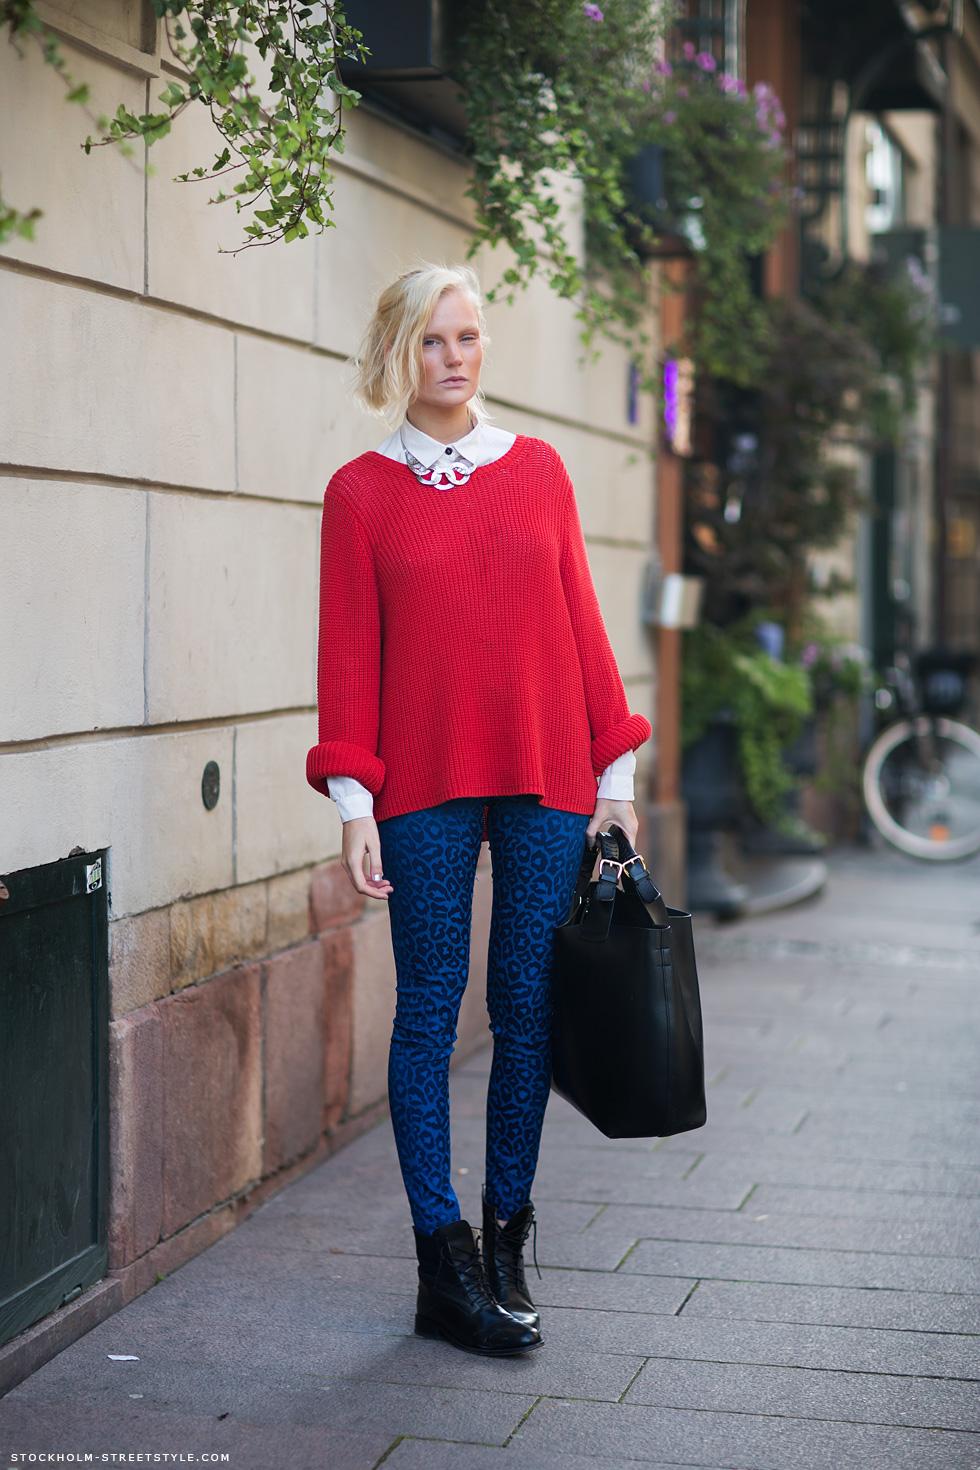 На фото: узкие синии джинсы с красного цвета кофтой длиной до линии бедра.